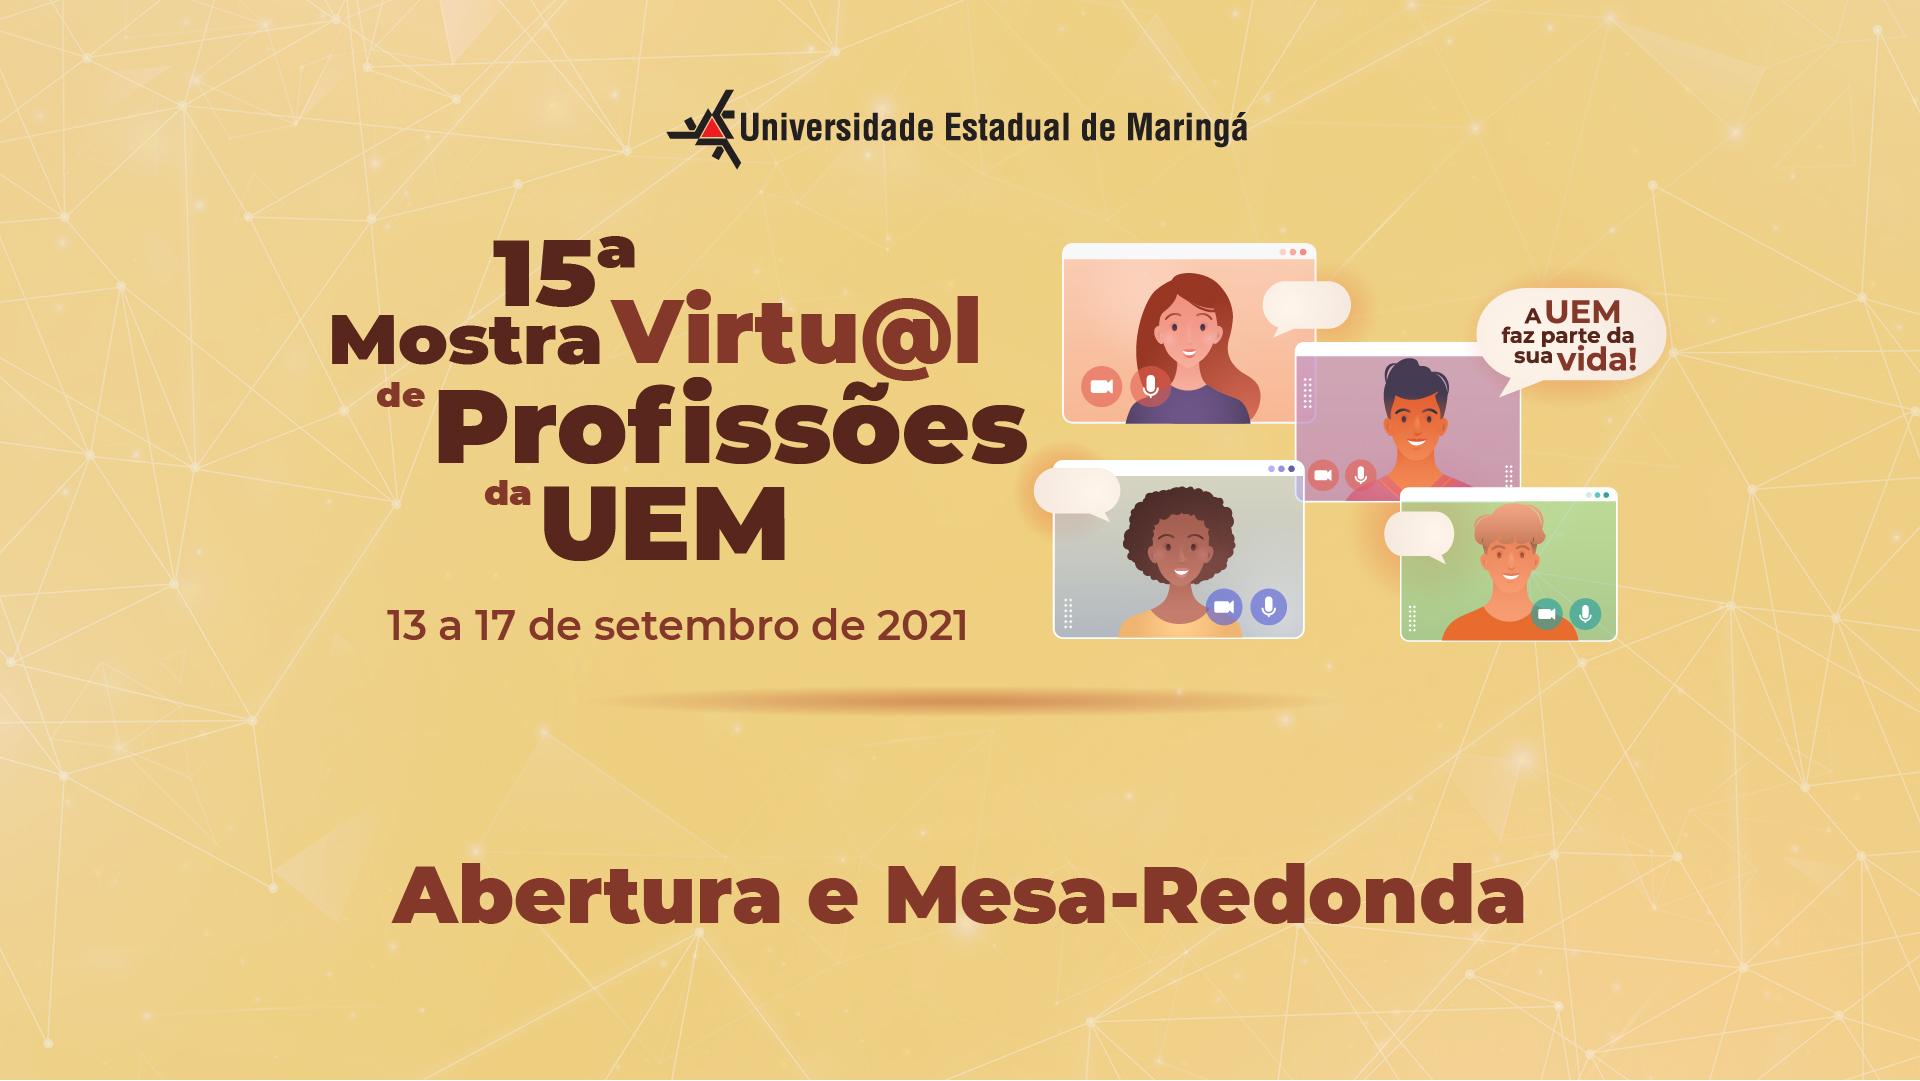 15ª Mostra de Profissões da UEM - 2021